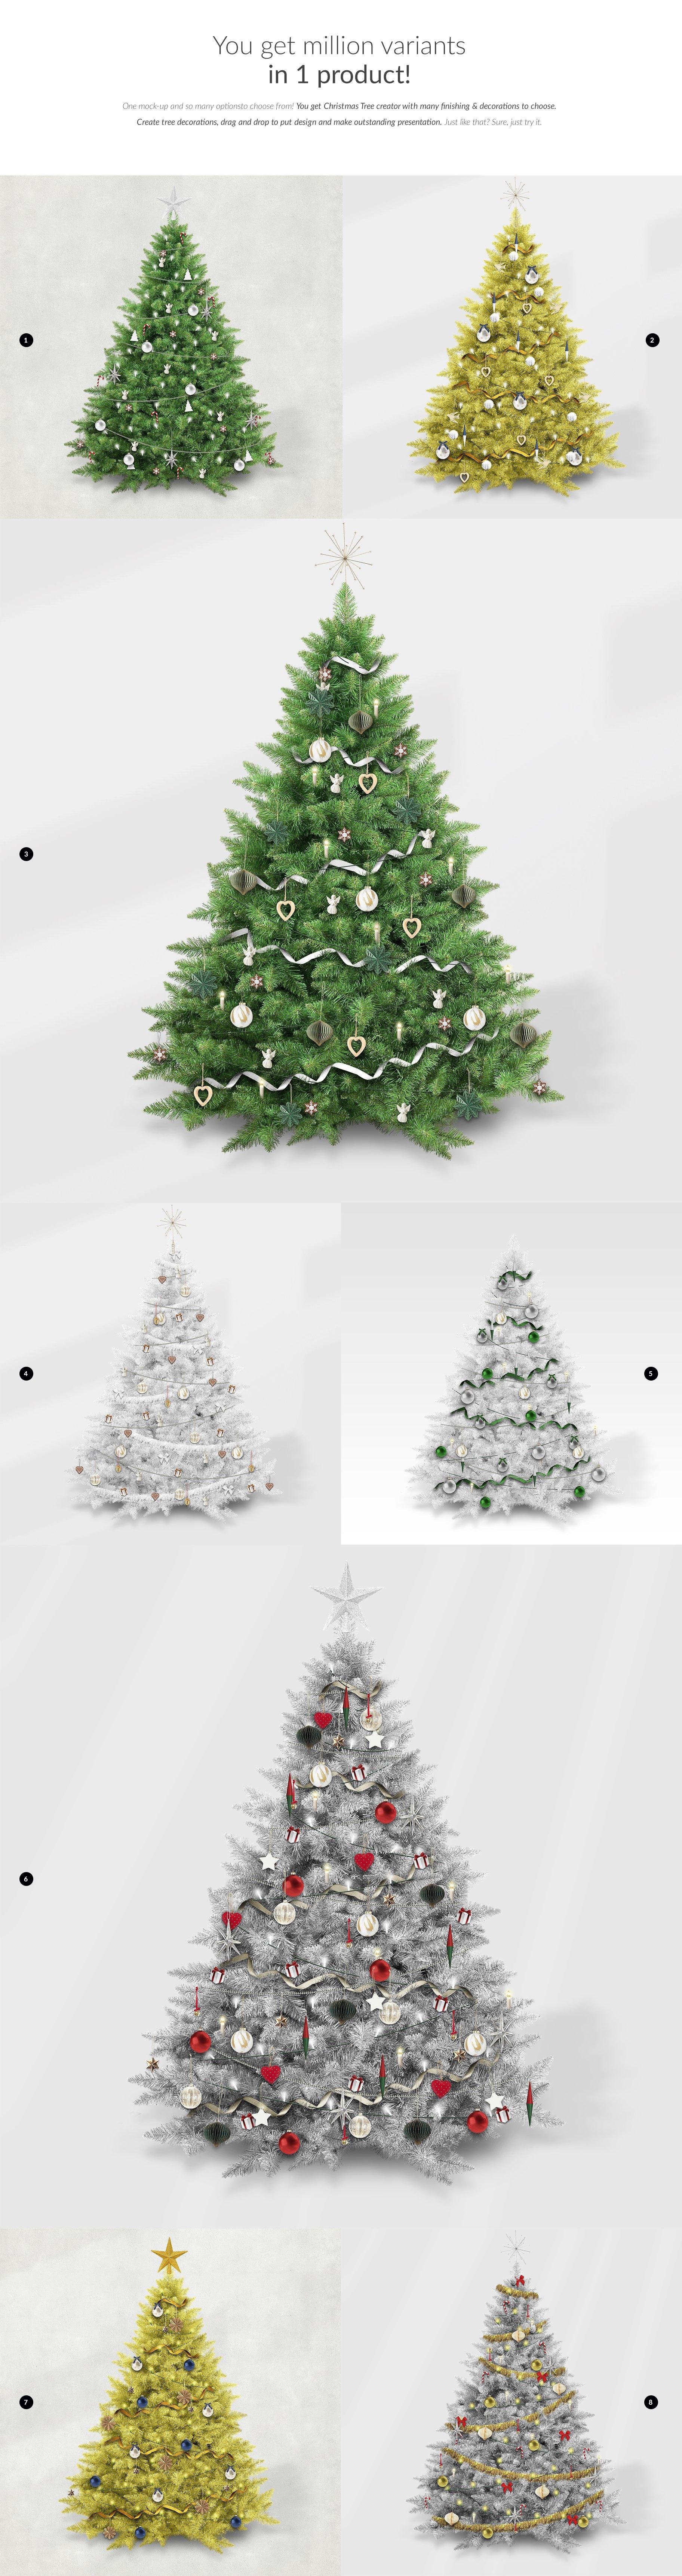 时尚圣诞树场景创造者装饰图案PSD素材 Christmas Tree Creator Mockup插图(2)